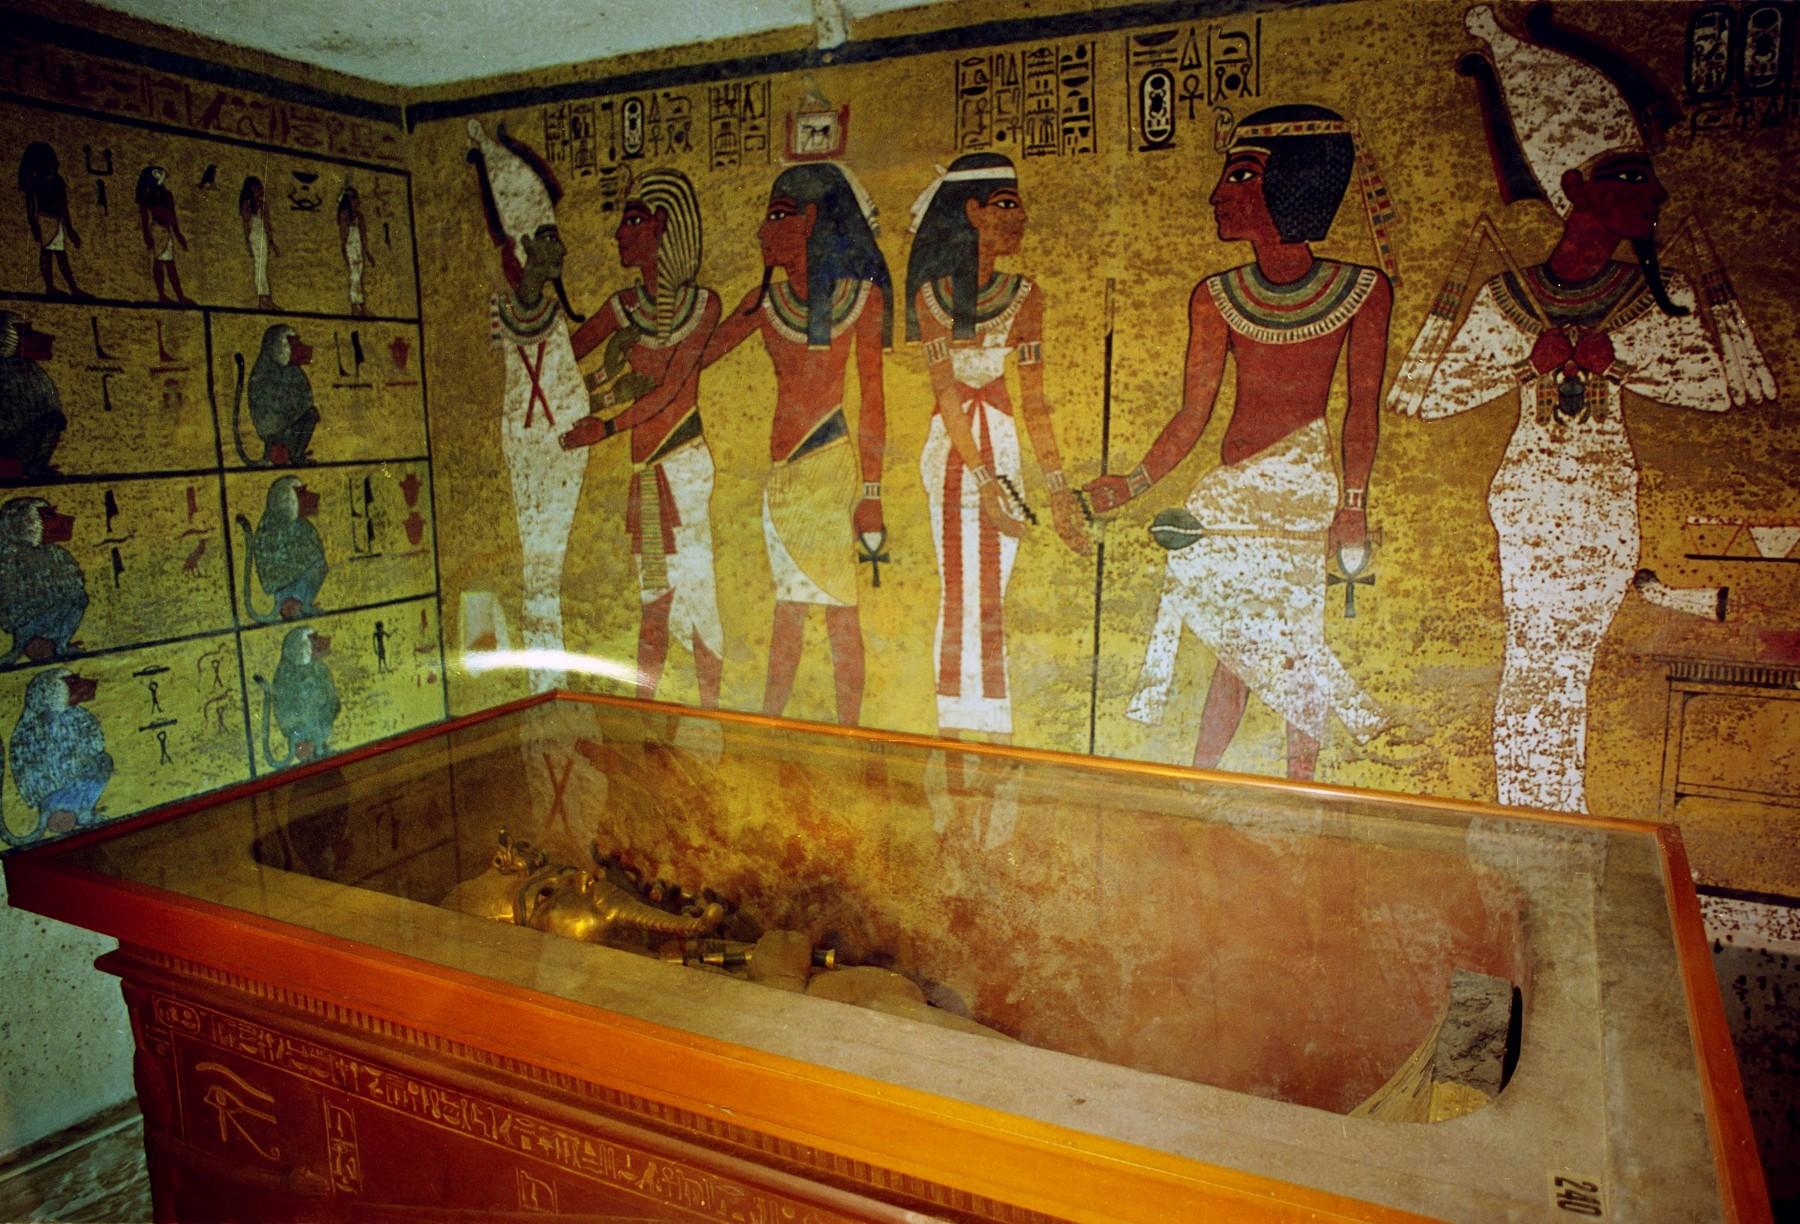 Tutankamonova grobnica - brijač